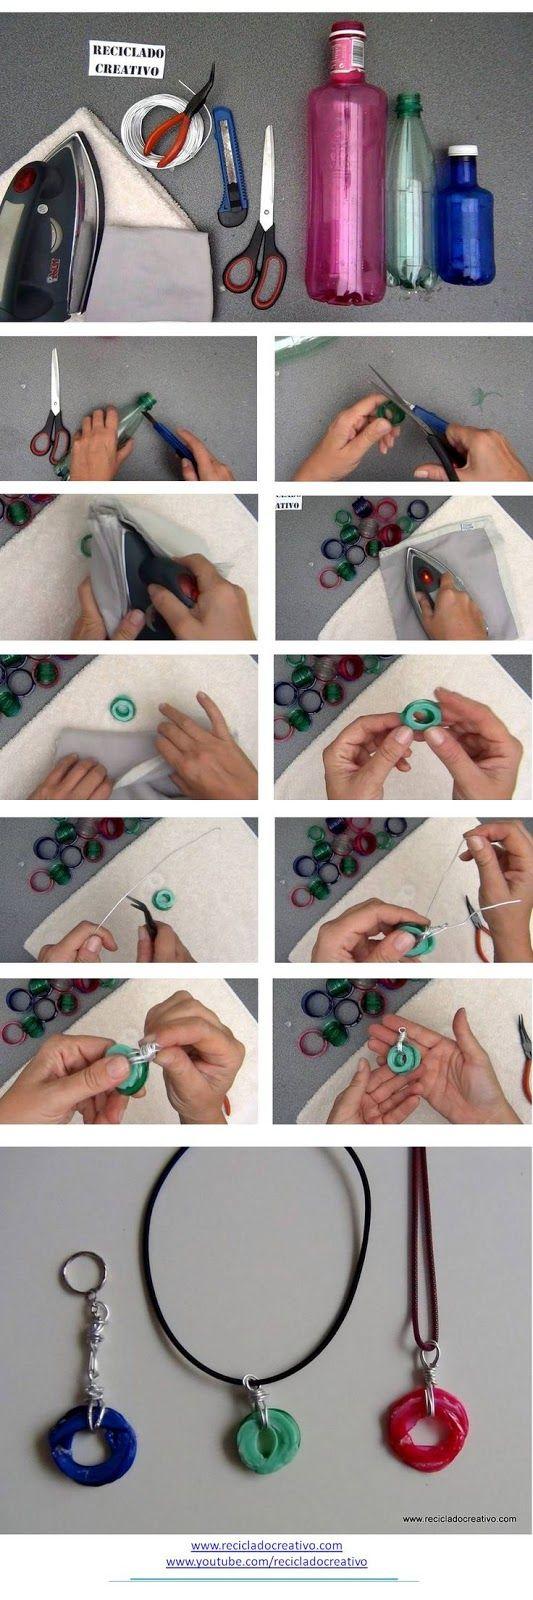 EL MUNDO DEL RECICLAJE: DIY colgantes con una botella de plástico